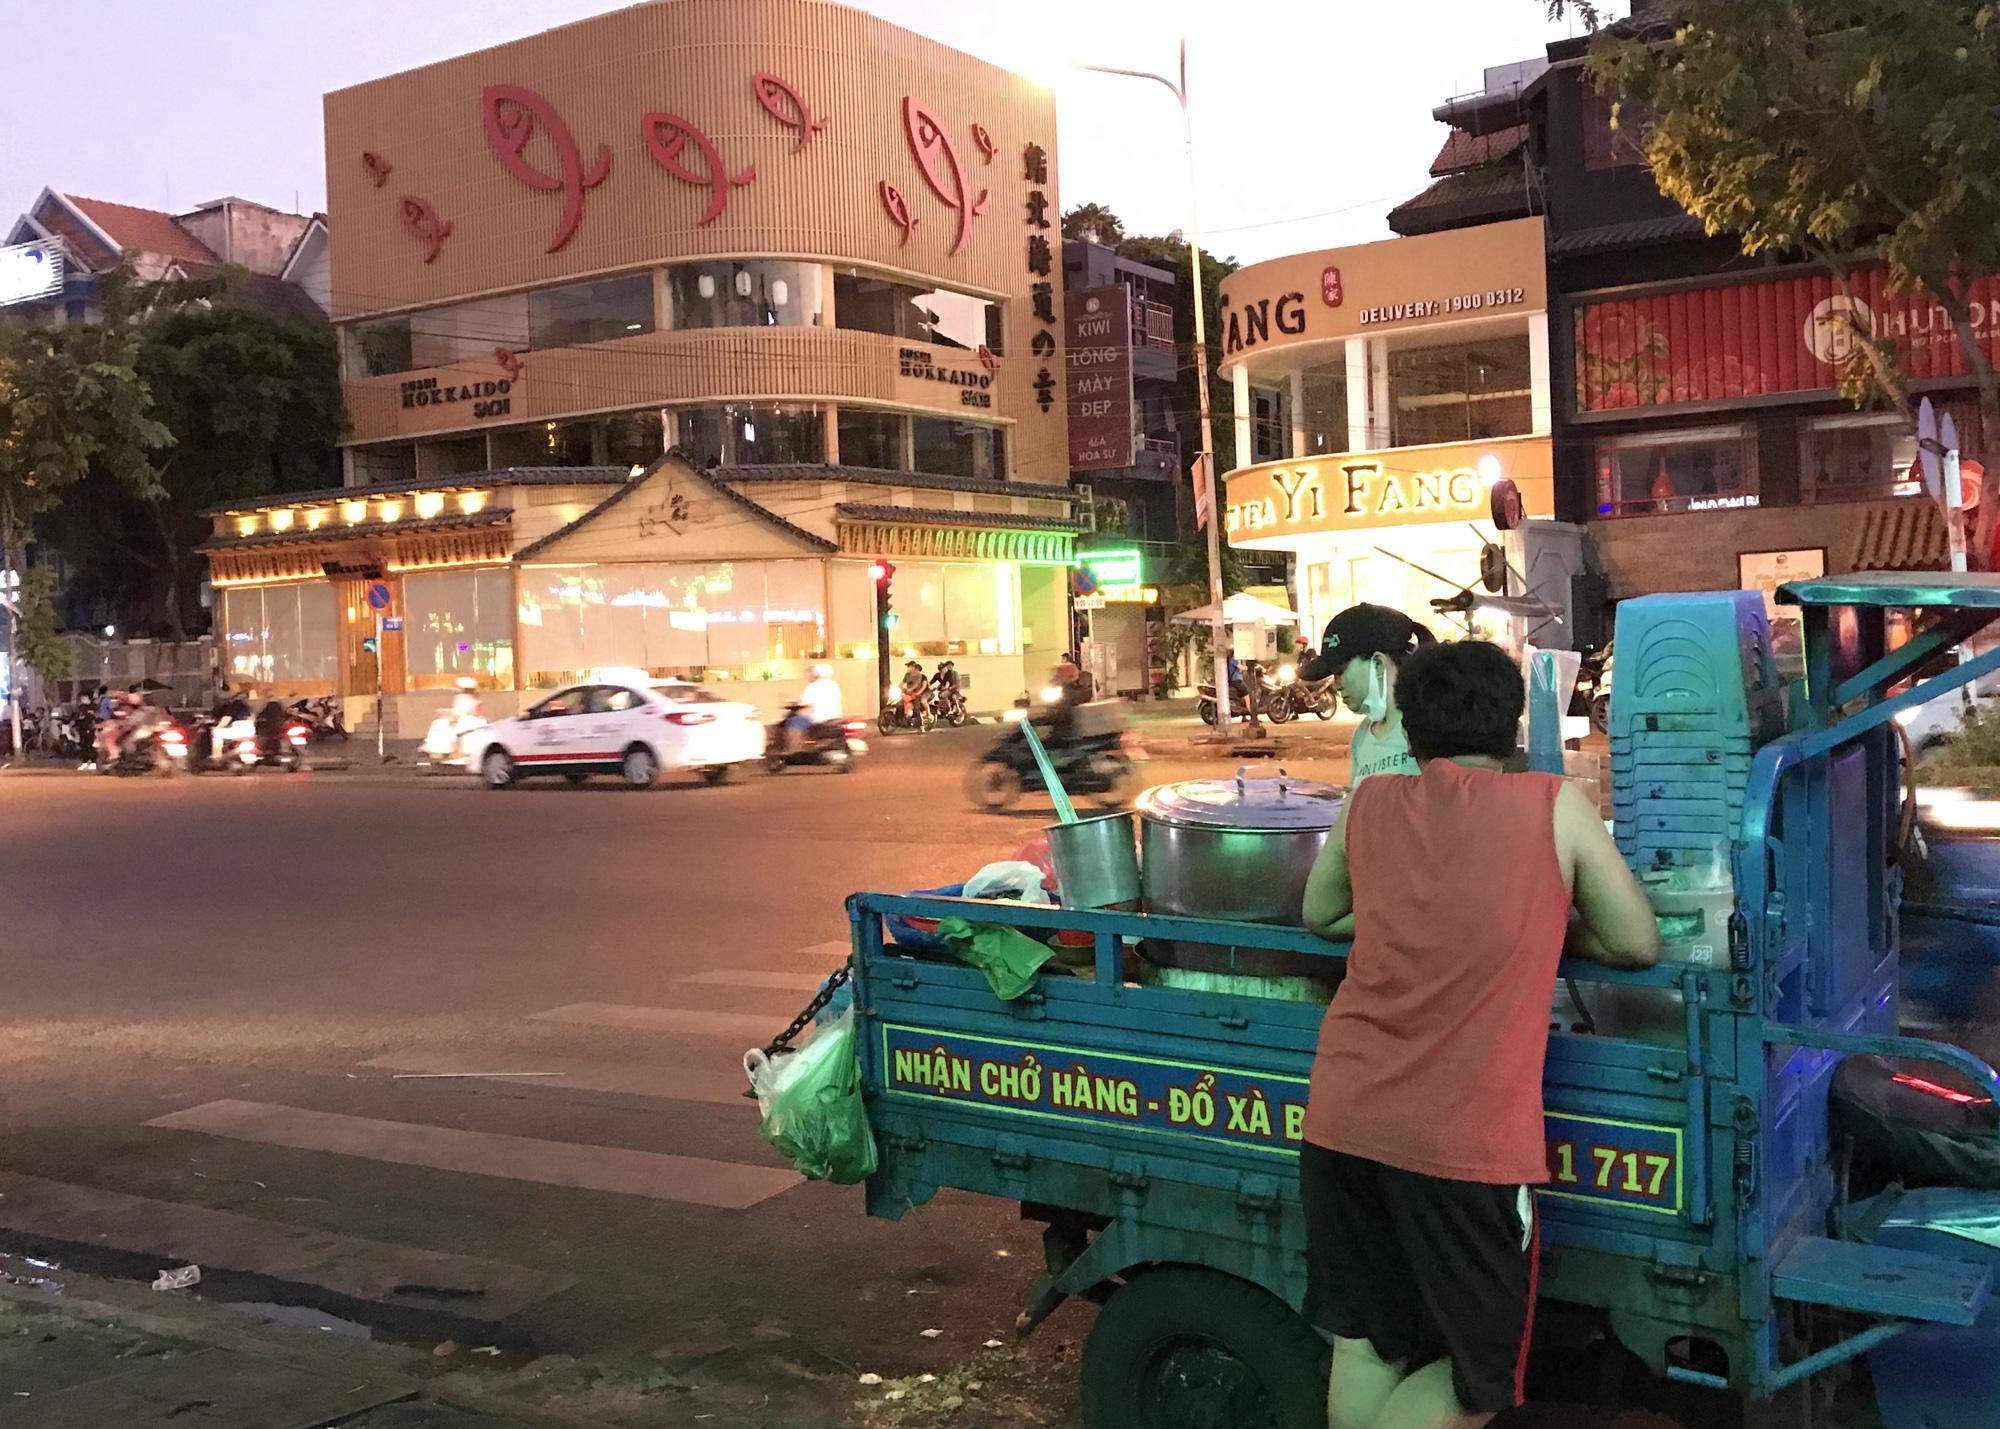 Nhà hàng, quán ăn Sài Gòn vội vàng đóng cửa phòng Covid-19 sau quyết định của UBND TP - Ảnh 5.